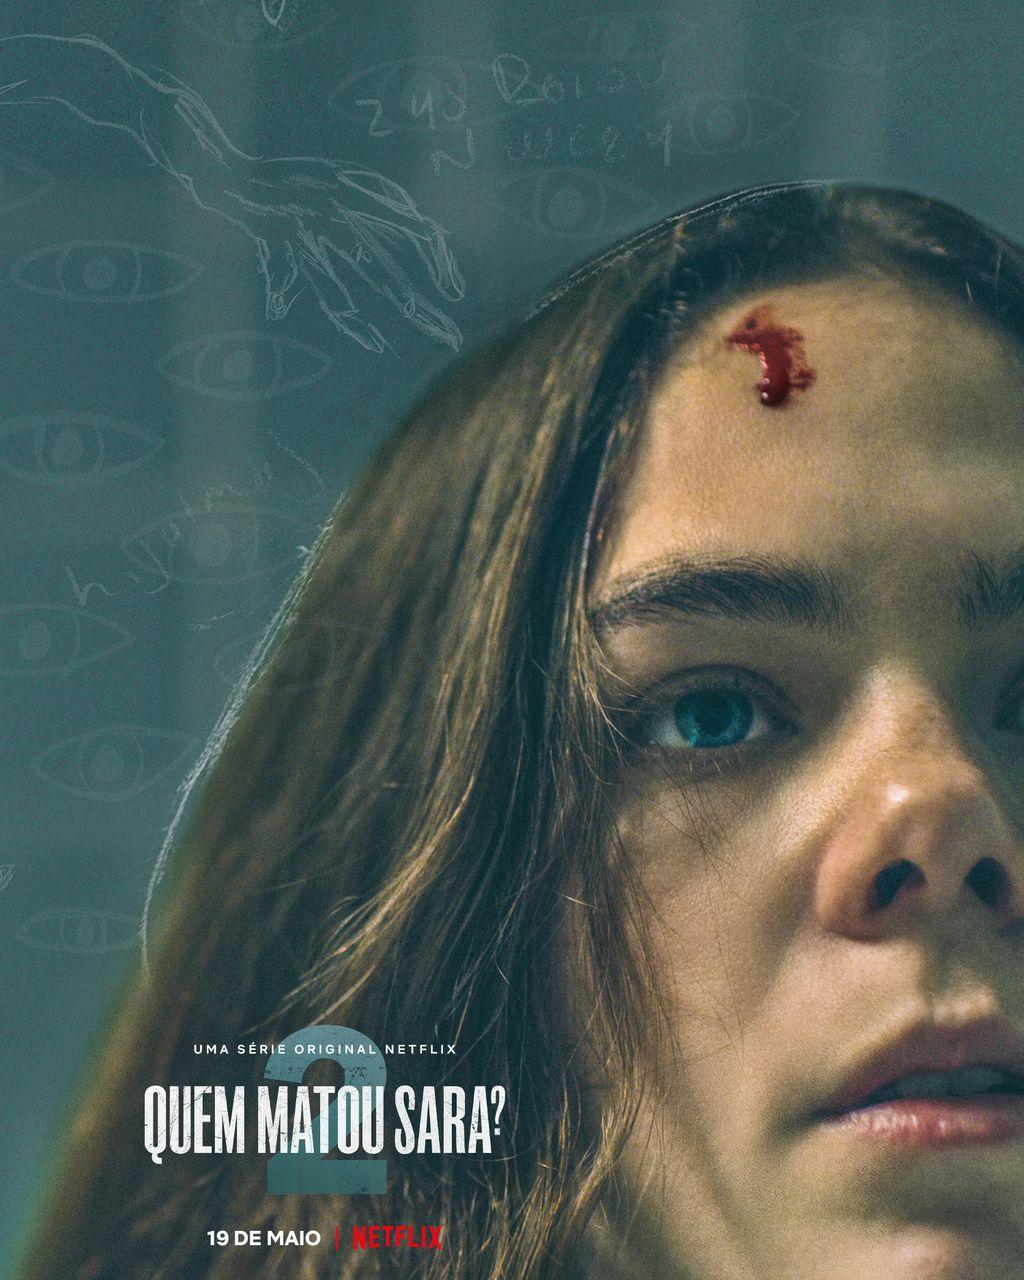 Quem Matou Sara?   Netflix divulga trailer da 2ª temporada da série - 3